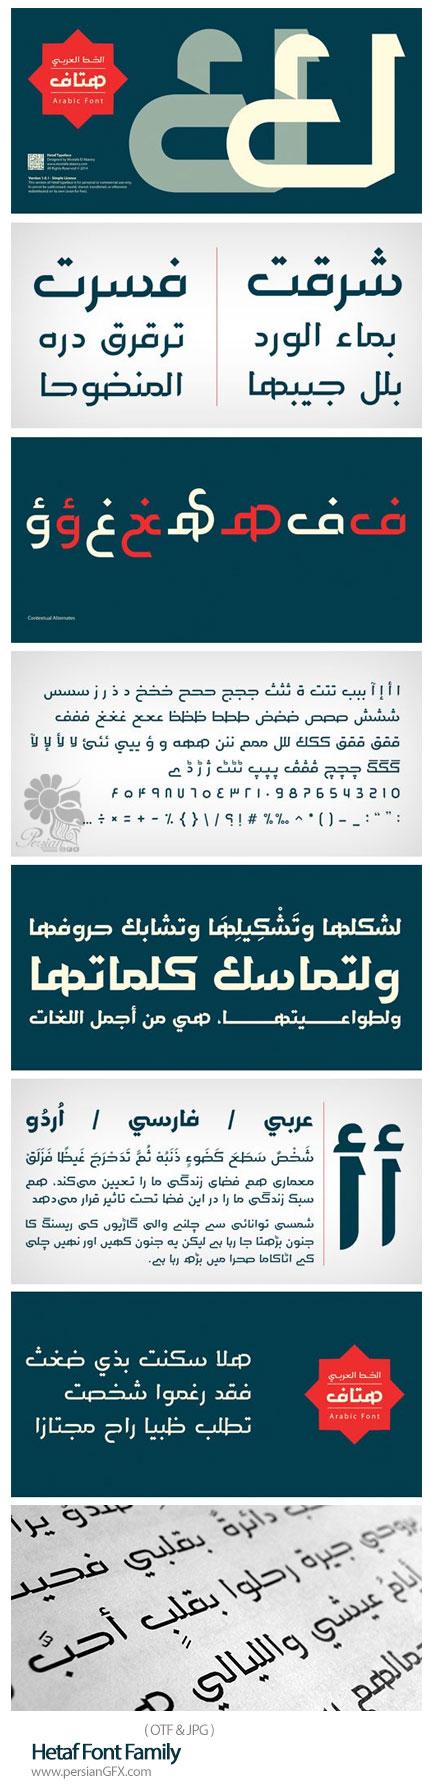 دانلود فونت فارسی، عربی و اردو هتاف - Hetaf Font Family